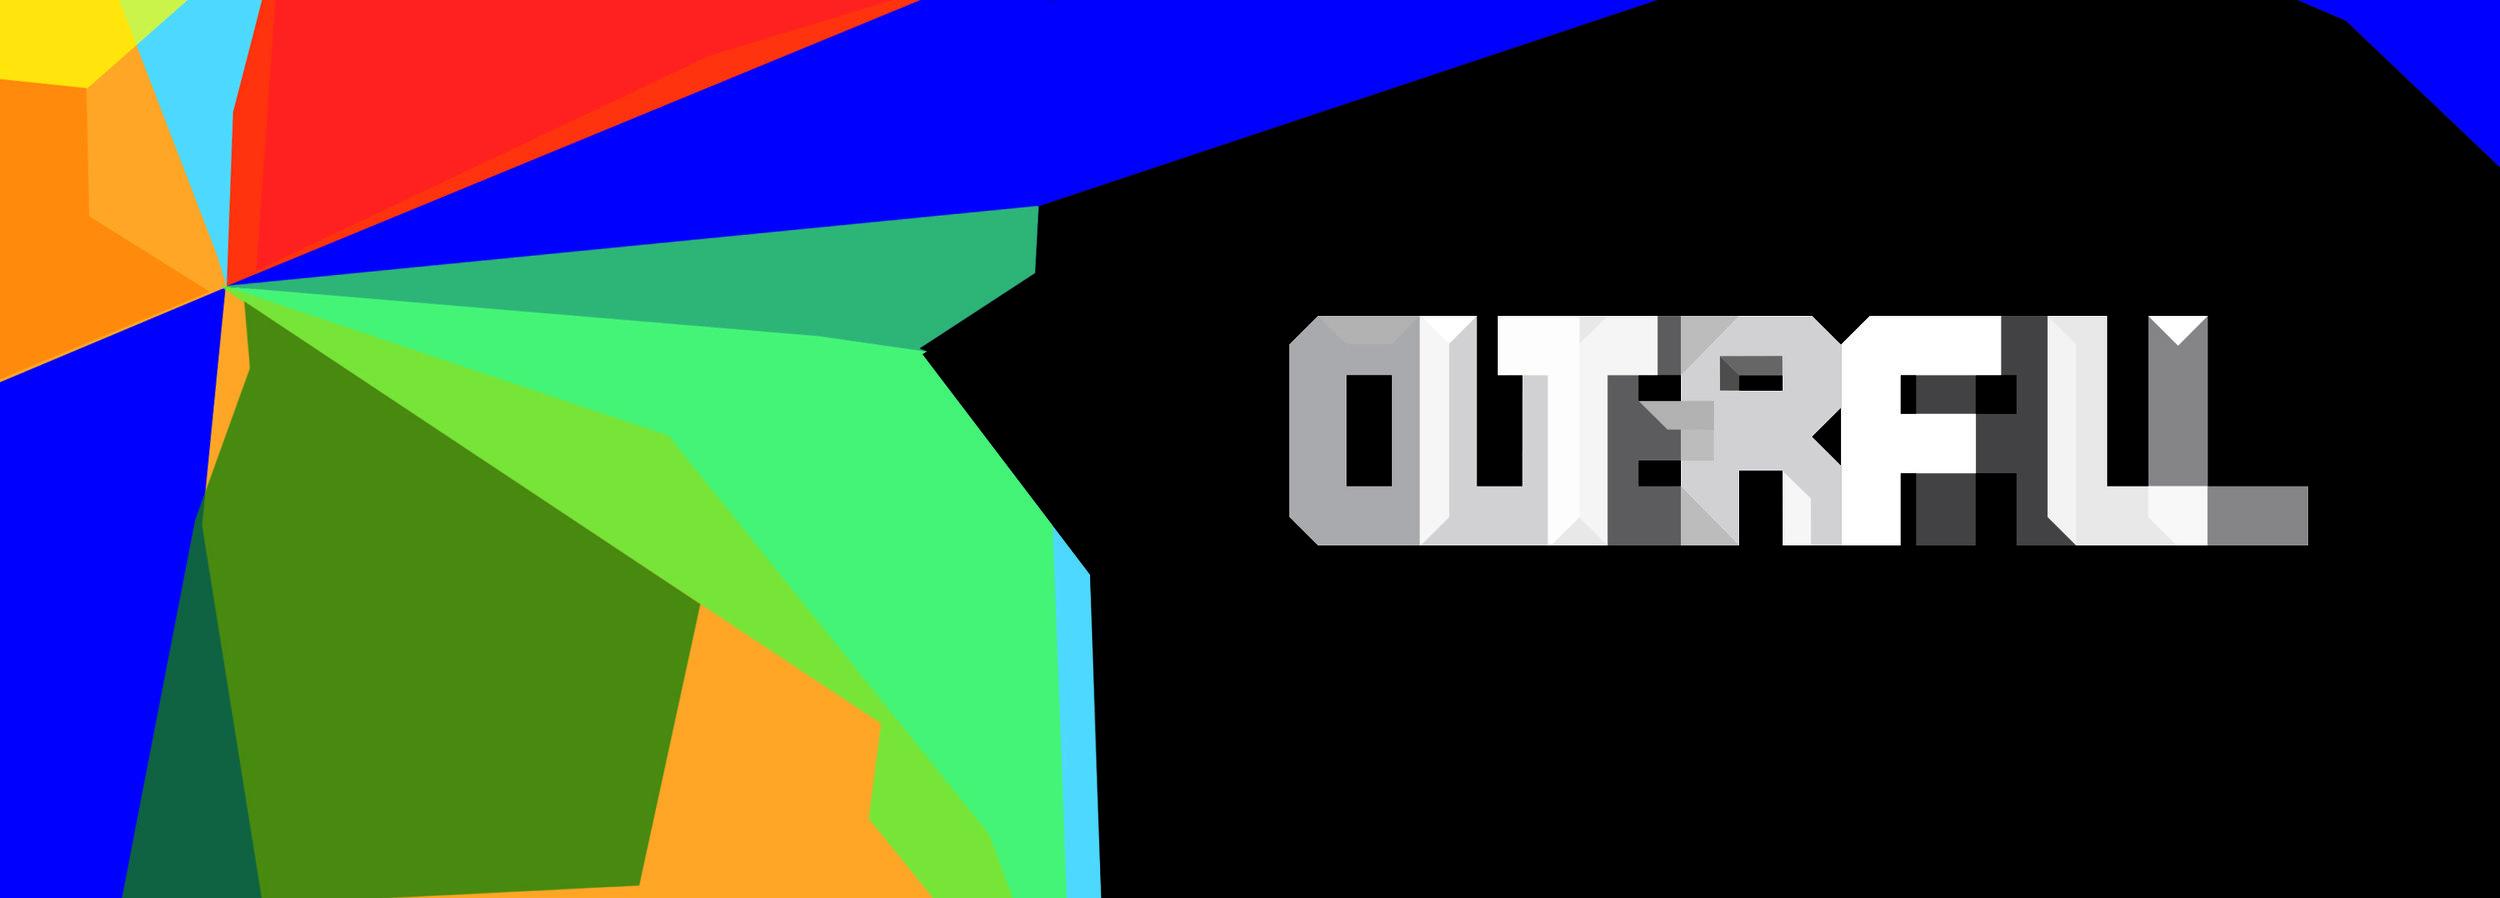 outerfall - blck banner logo.jpg